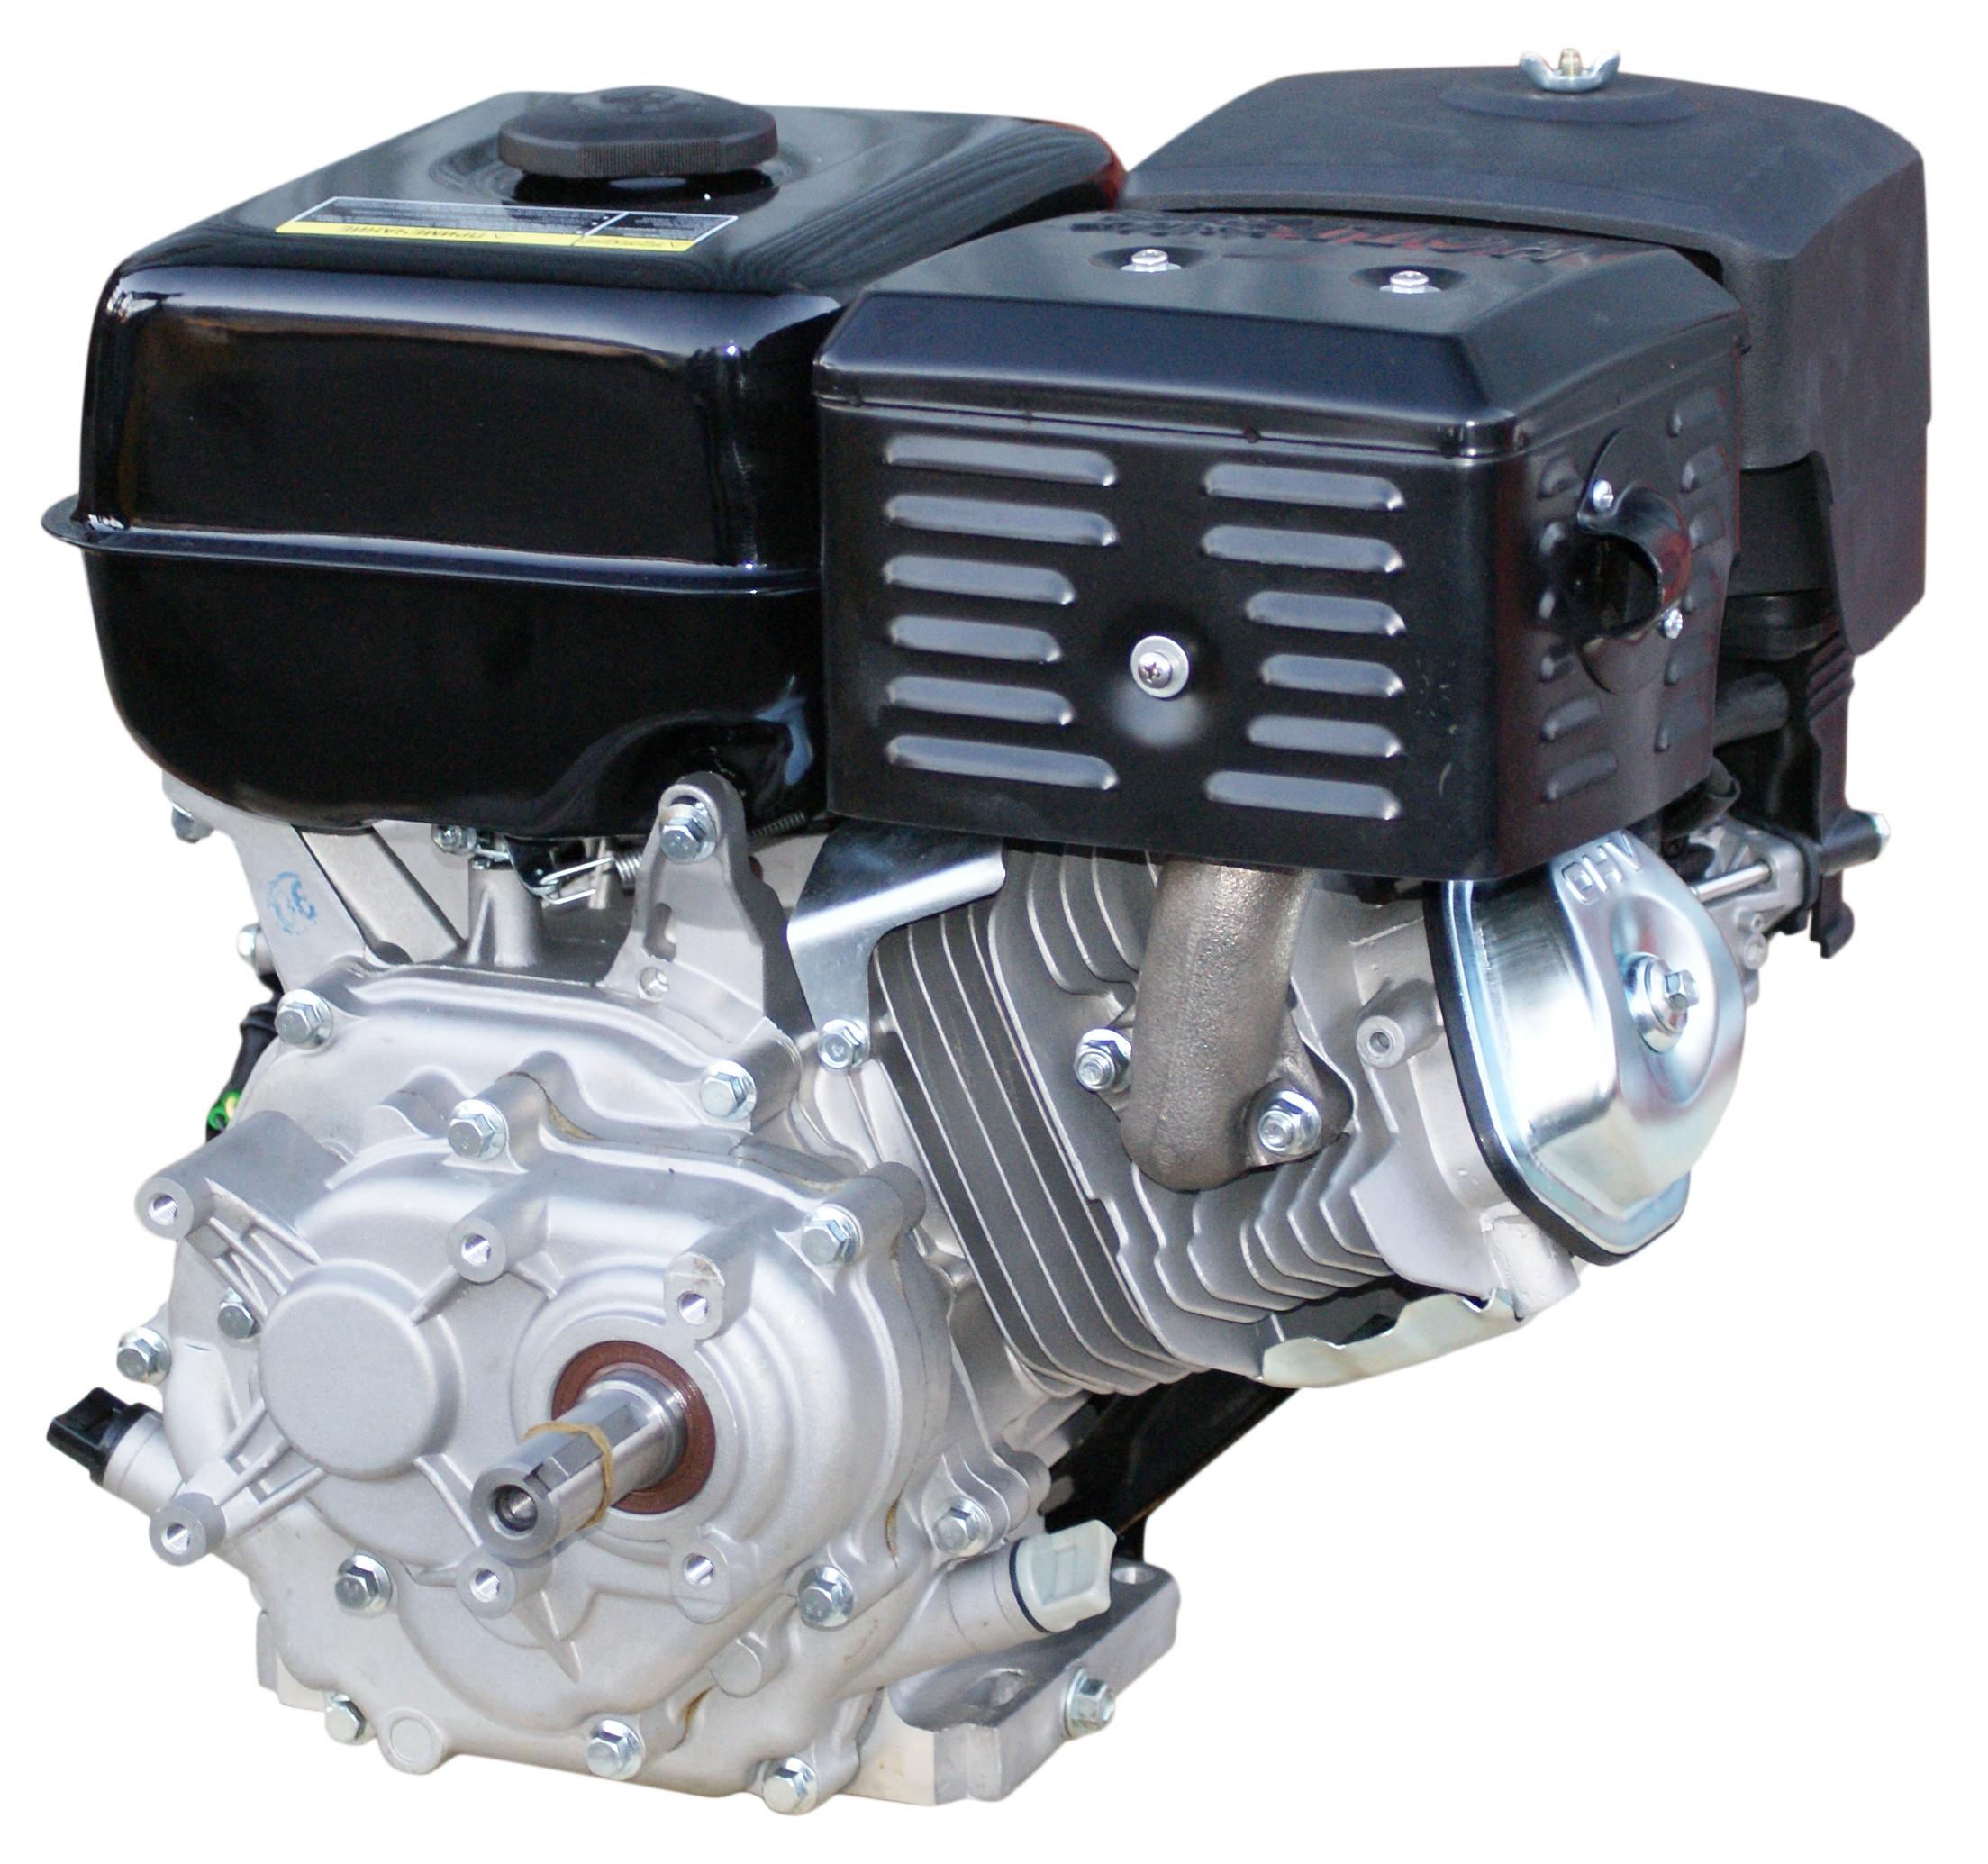 Двигатель Lifan 188f-l двигатель lifan 168f 2l